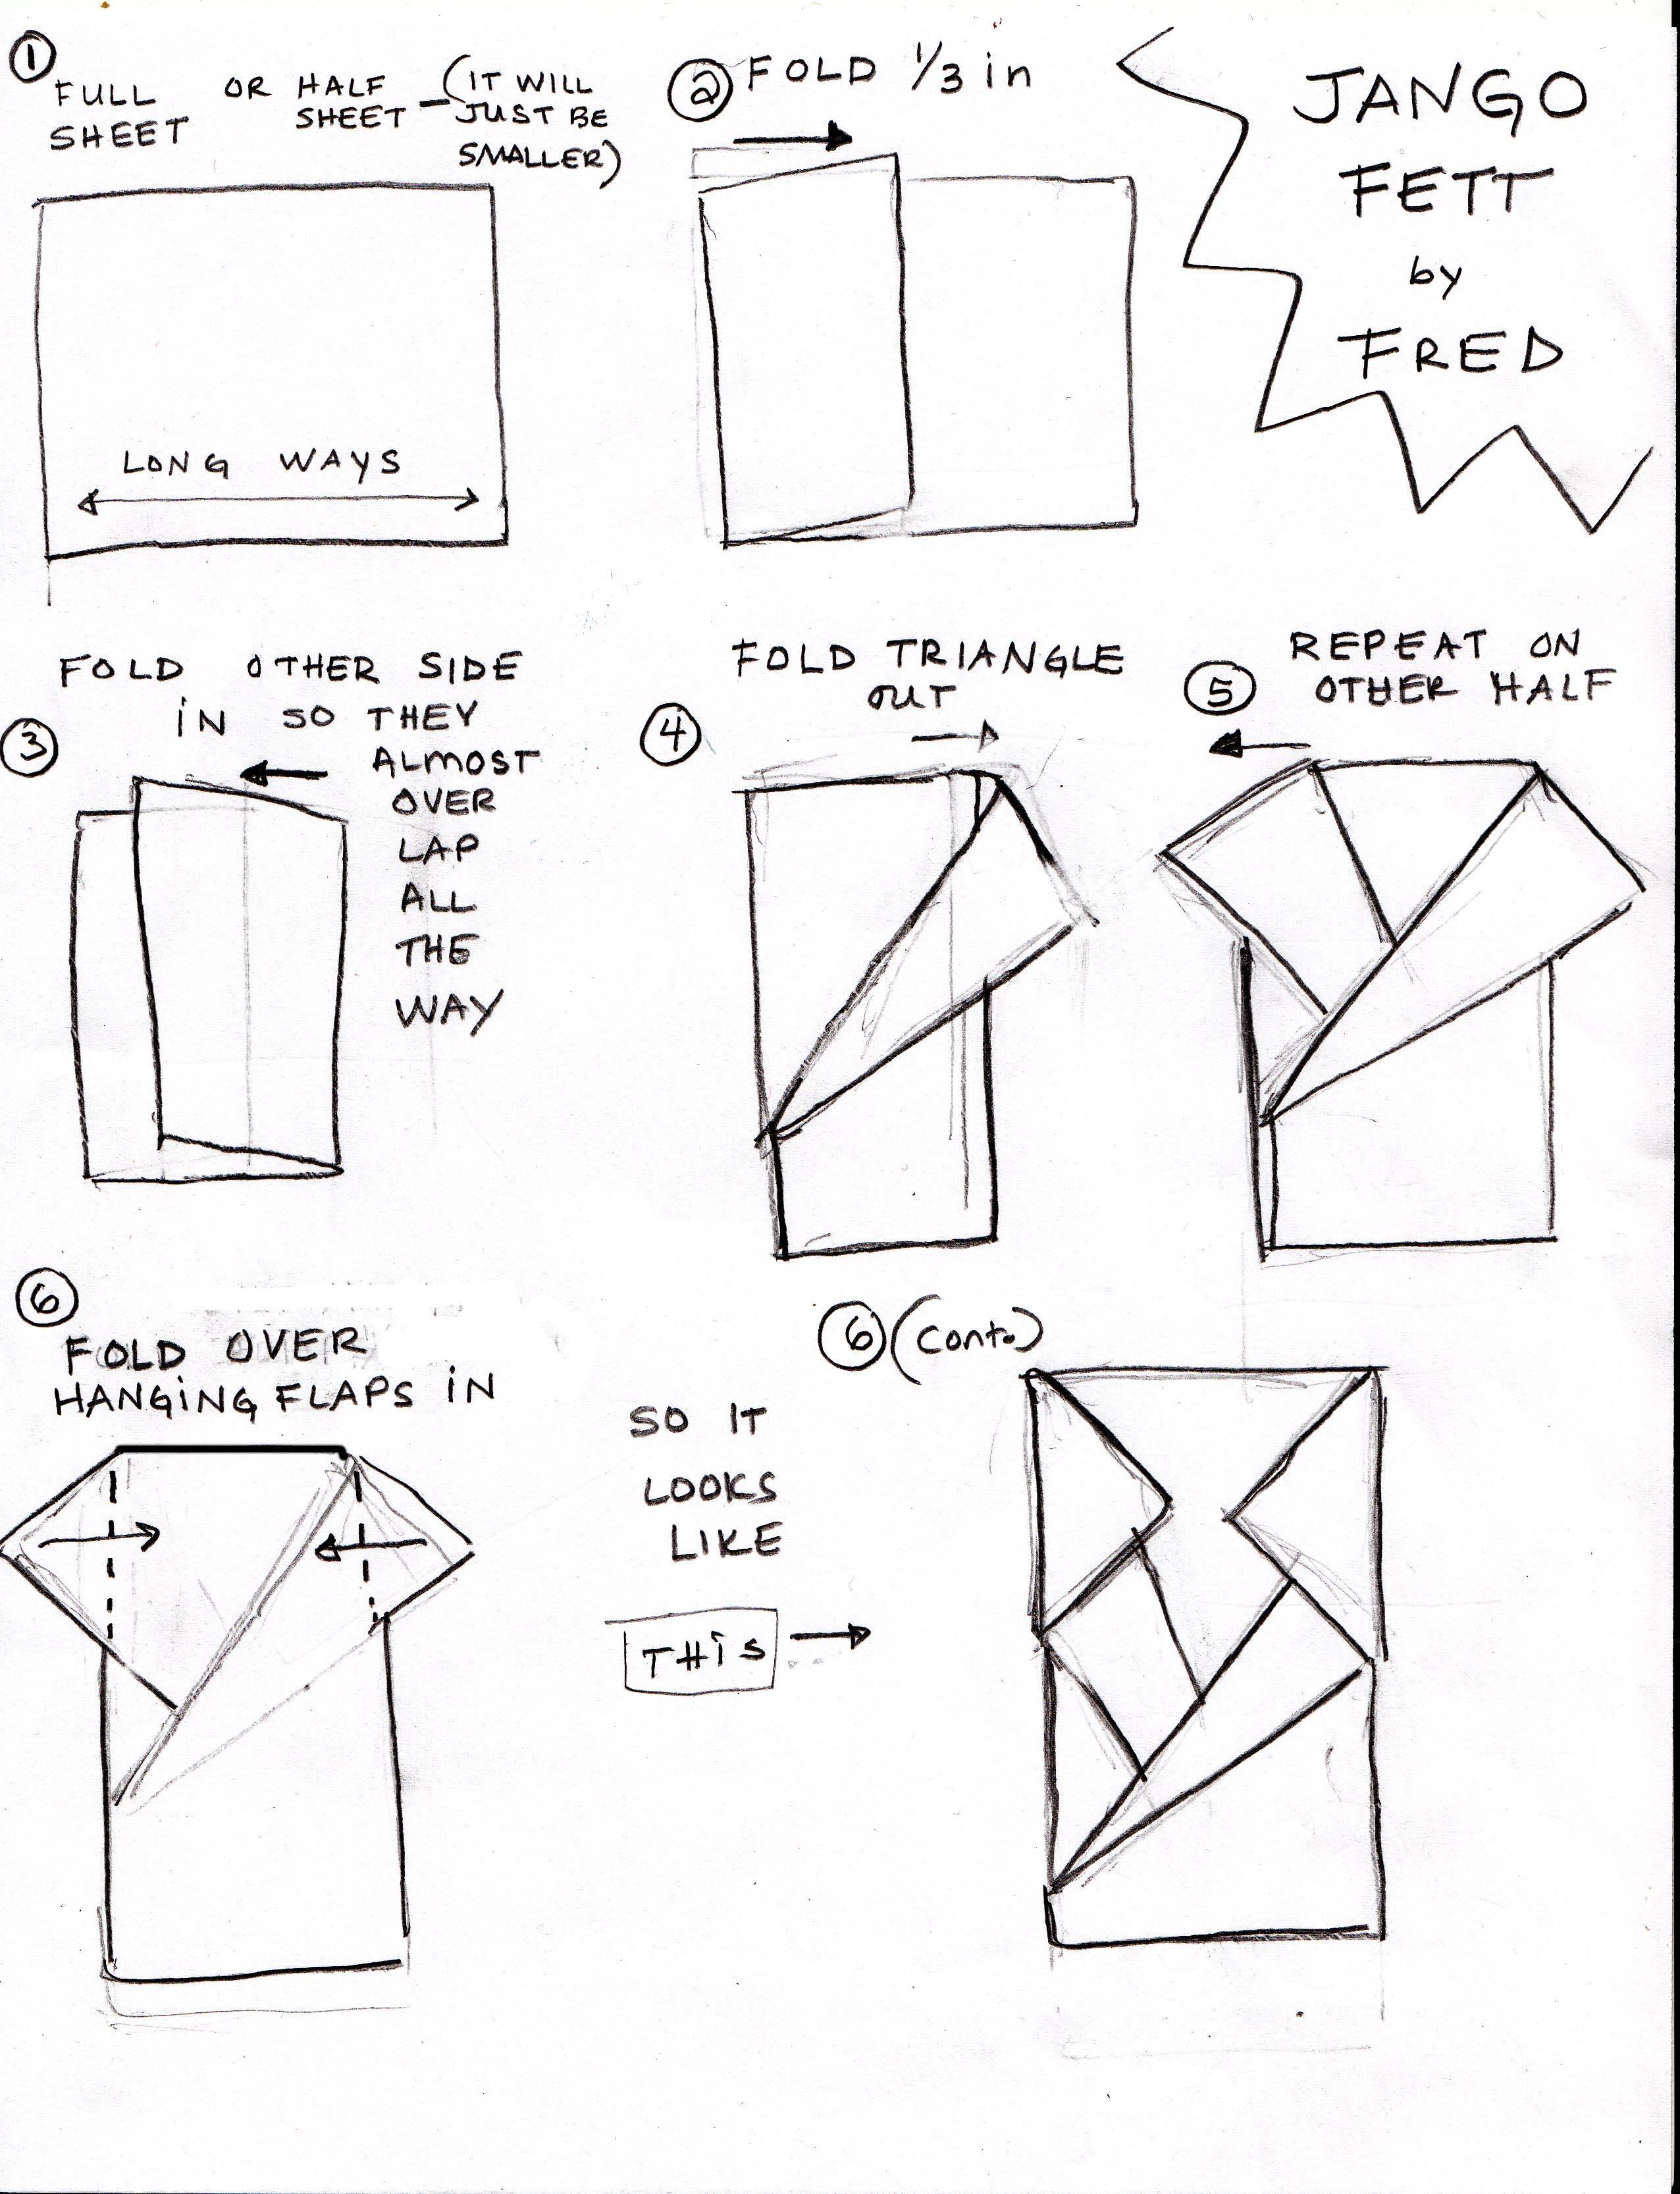 jango fett instructions page 1 | OrigamiYoda - photo#2